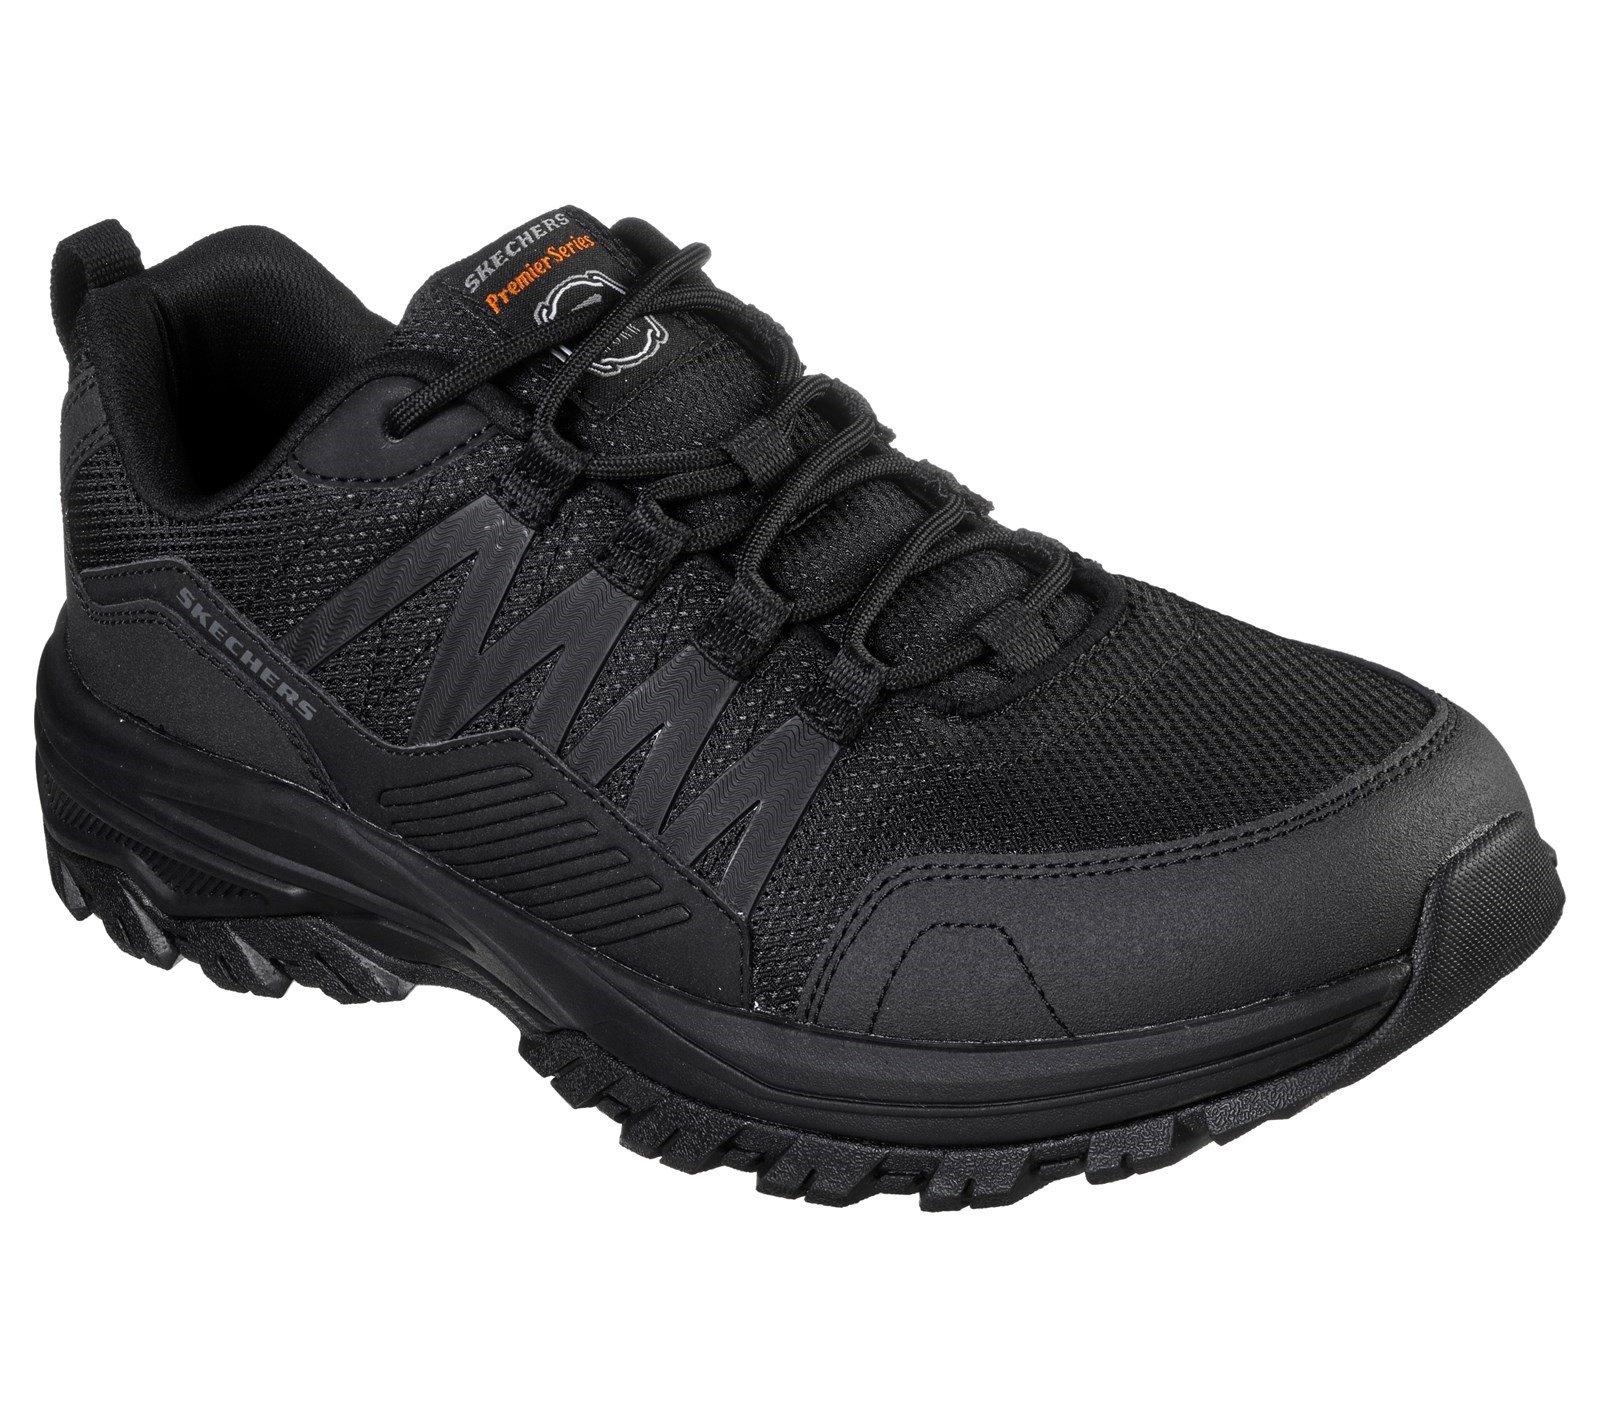 Skechers Unisex Fannter Occupational Trainer Black 32308 - Black 6